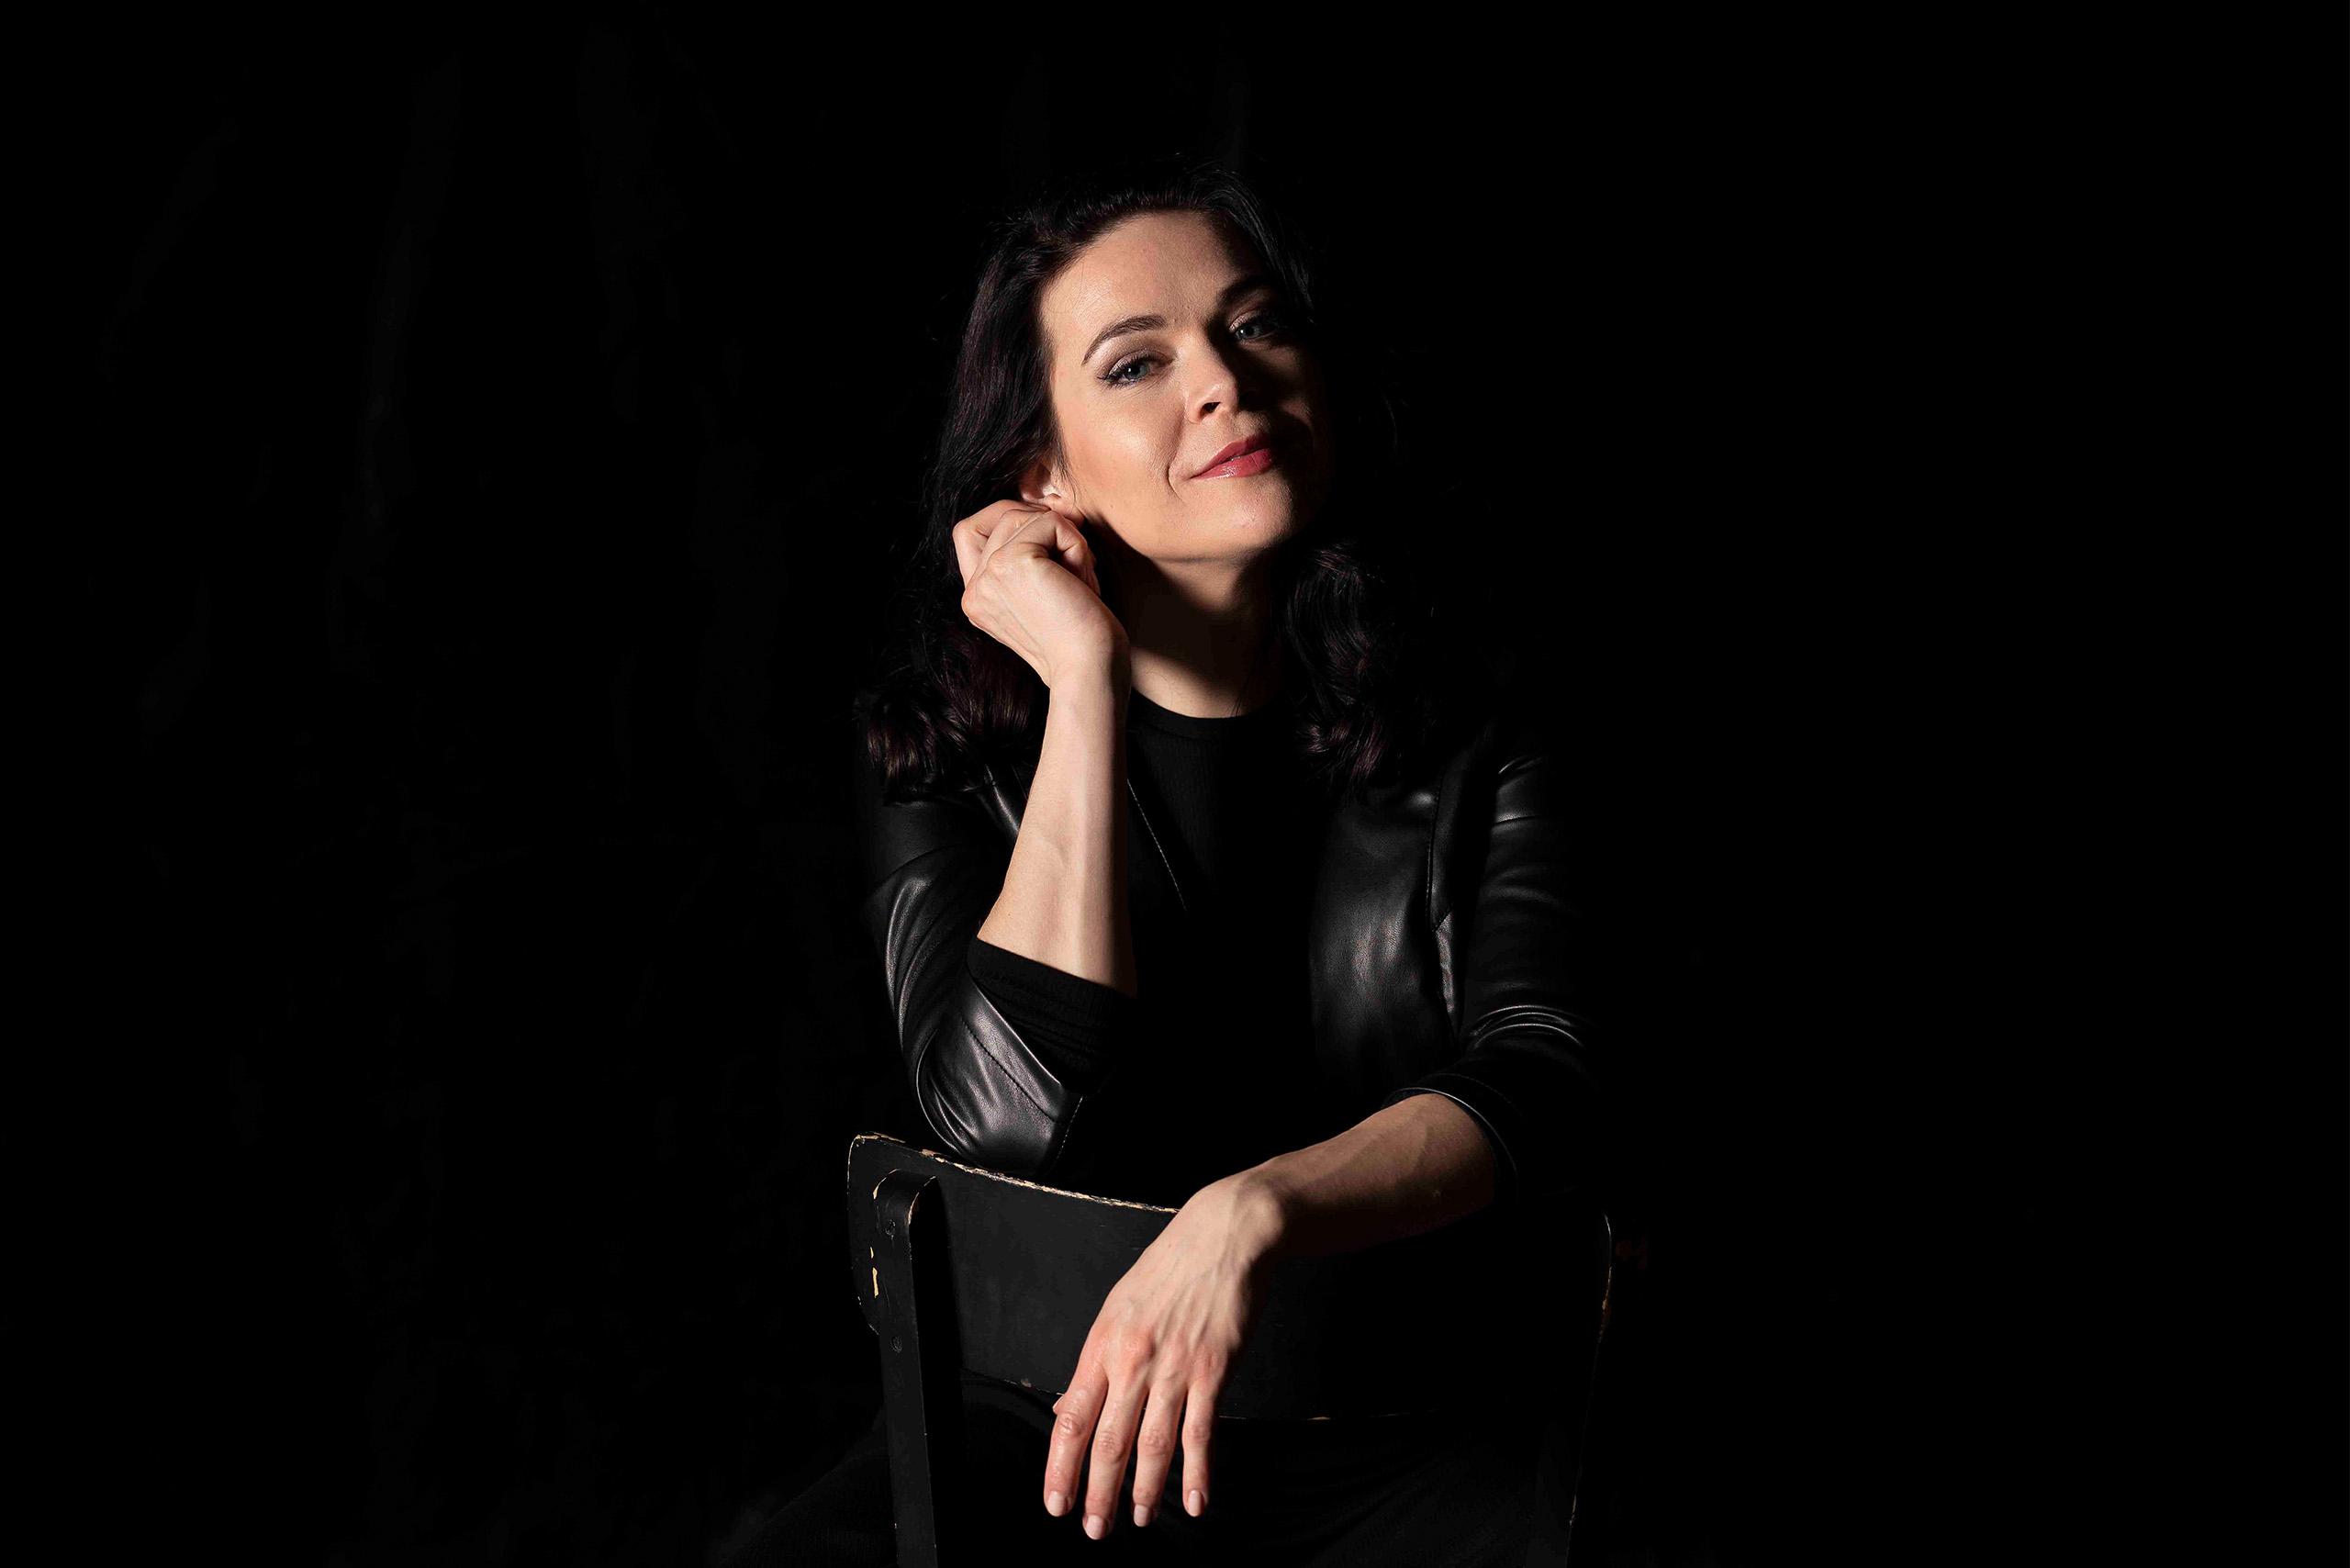 Portrait Sieglinde Feldhofer während eines Fotoshootings in der Grazer Oper © Sara Sera